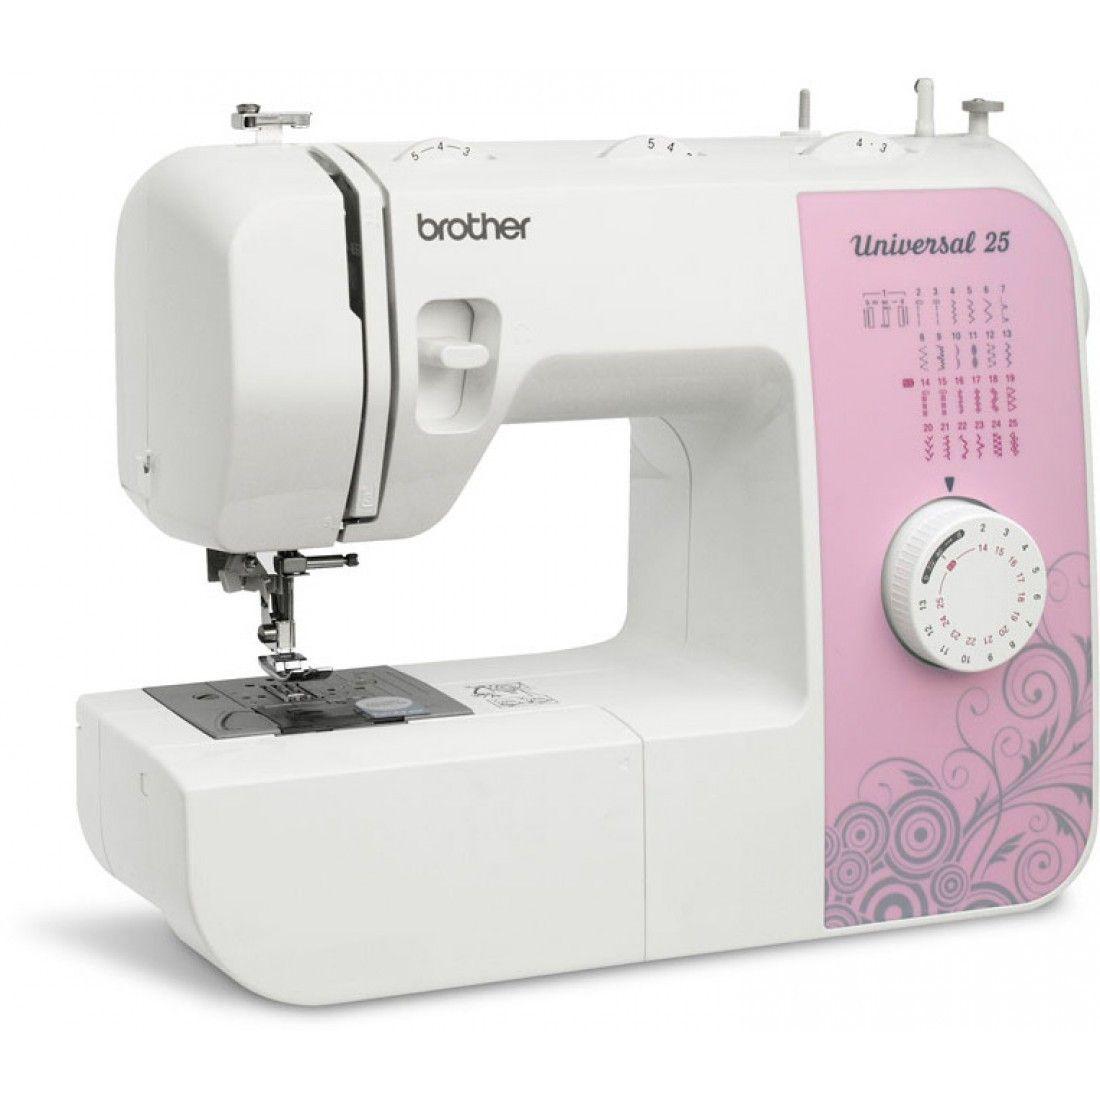 Швейная машина Brother Universal 25 от Ravta